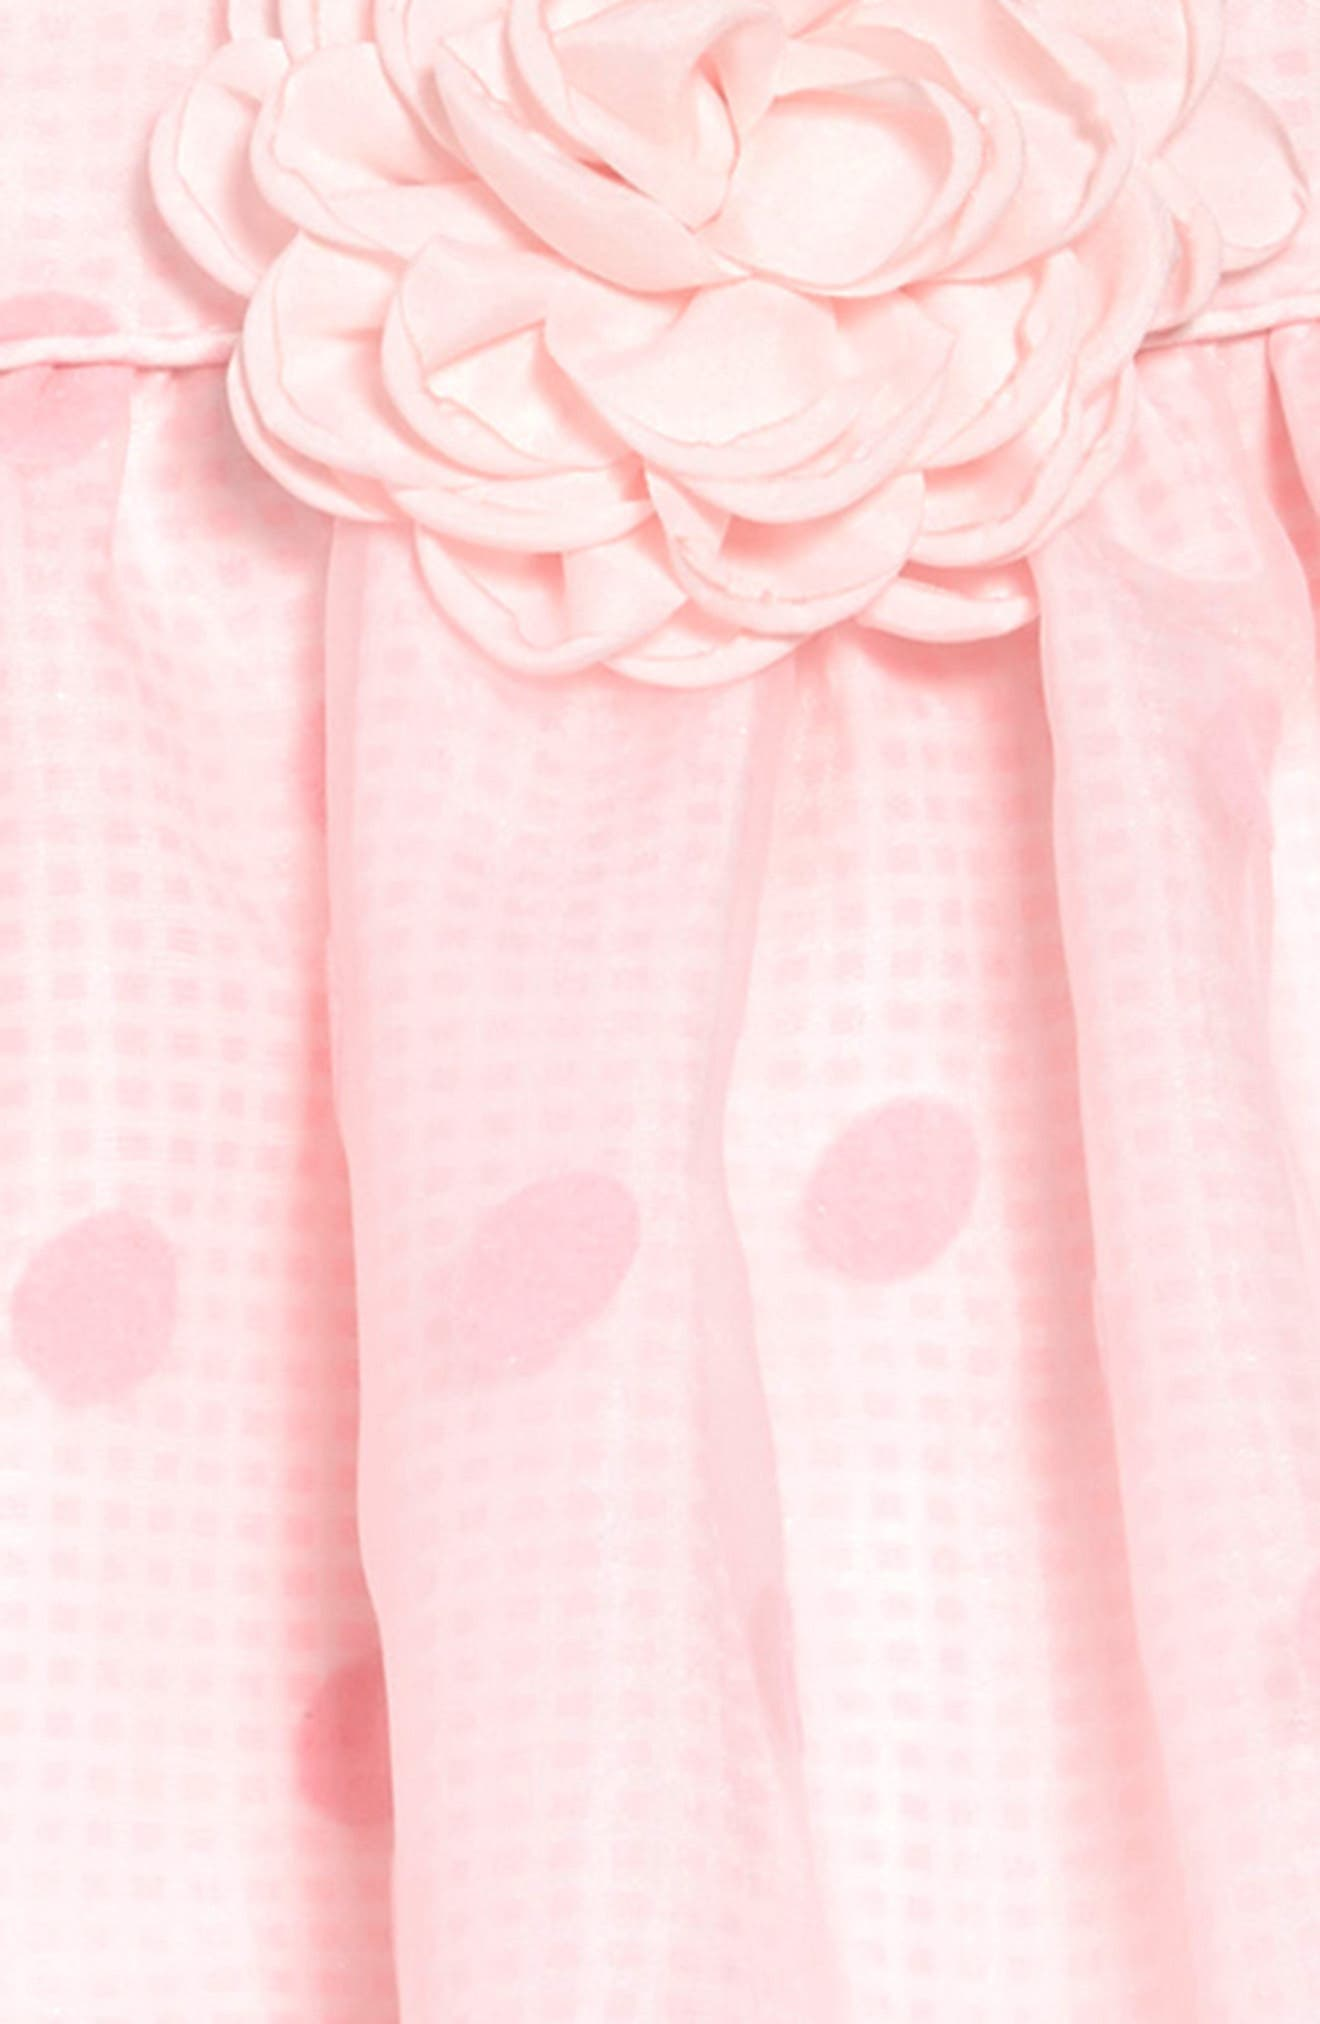 FRAIS, Dot Overlay Gingham Dress, Alternate thumbnail 3, color, PINK